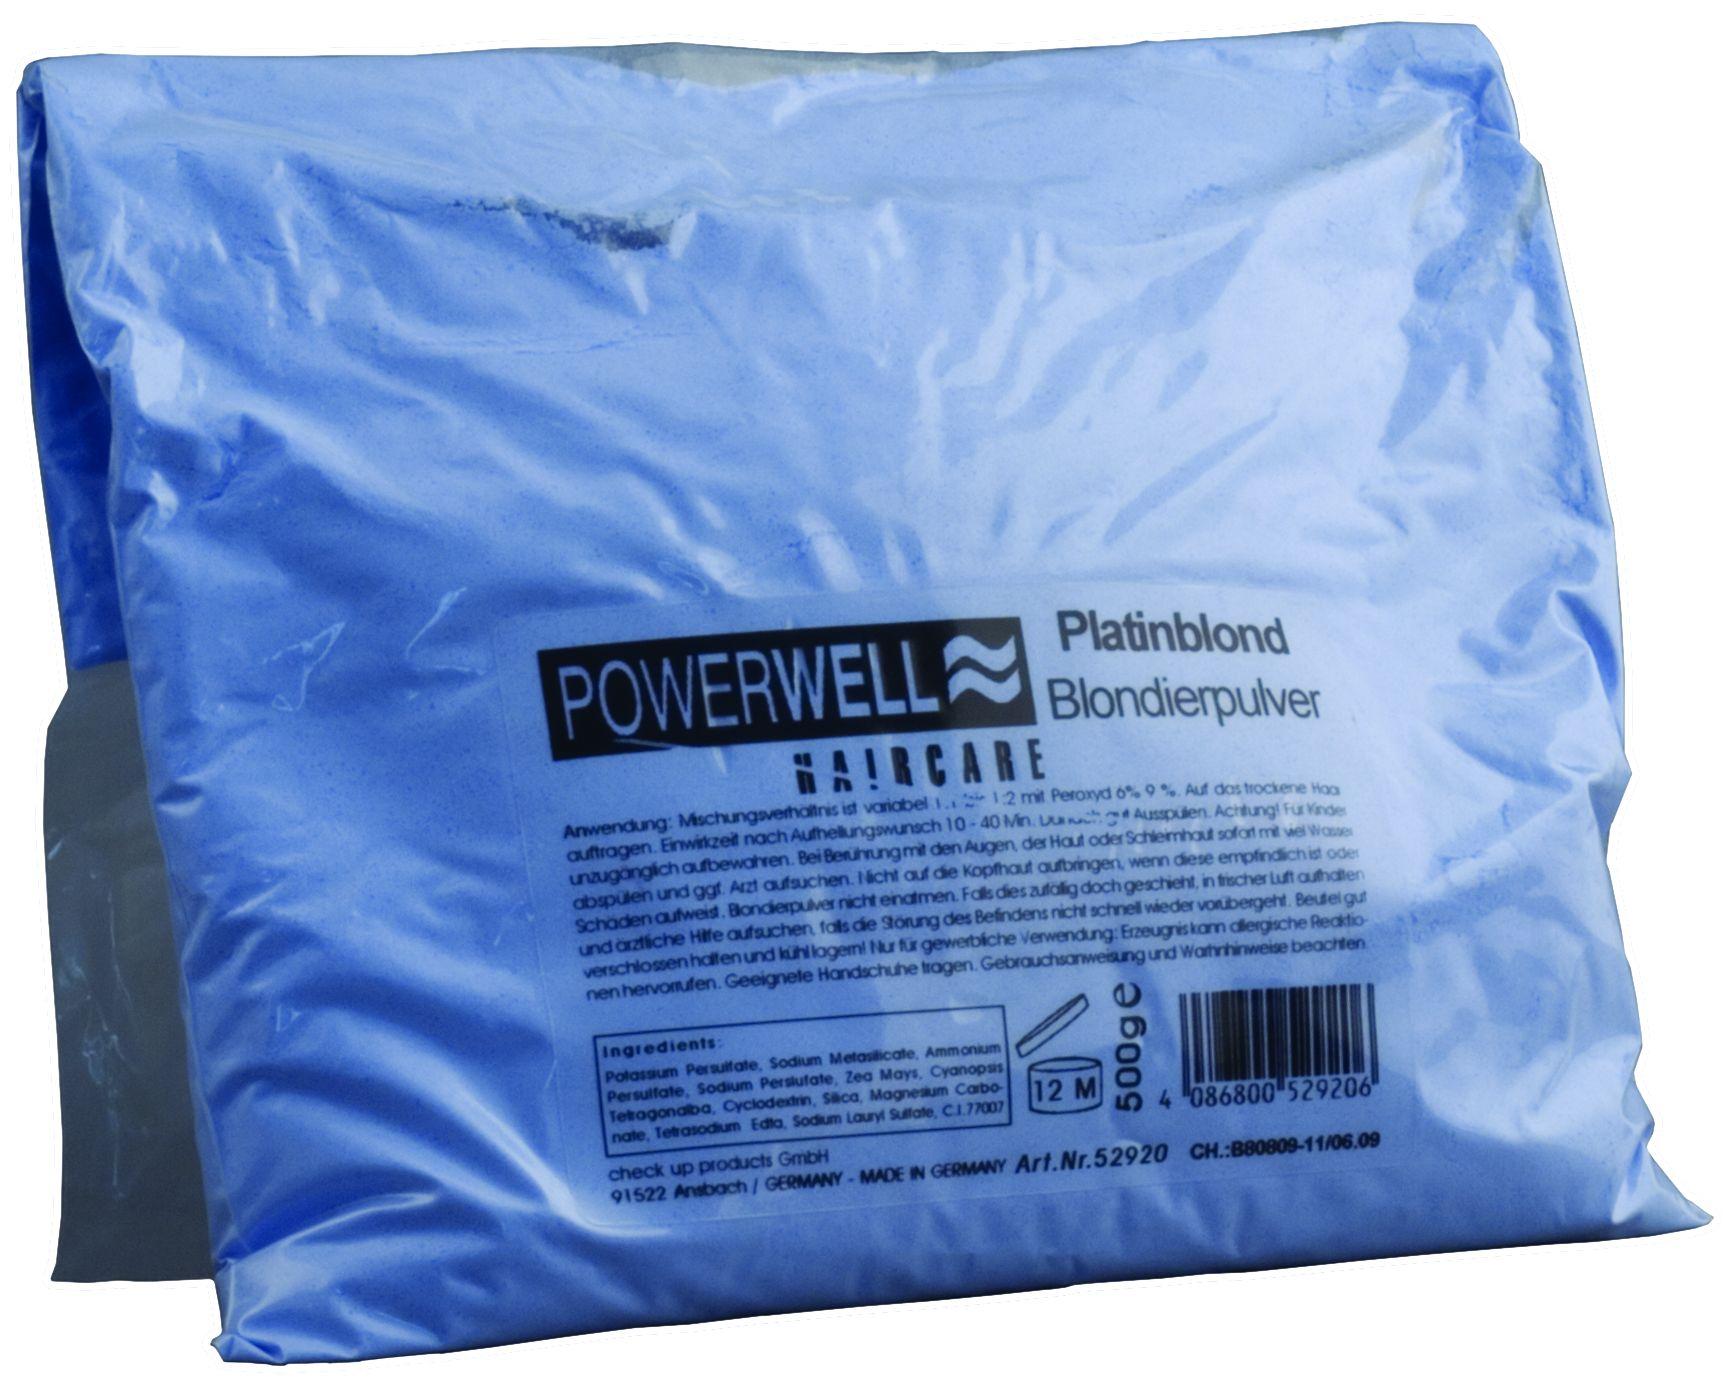 POWERWELL Blondierpulver platinblond 500 g